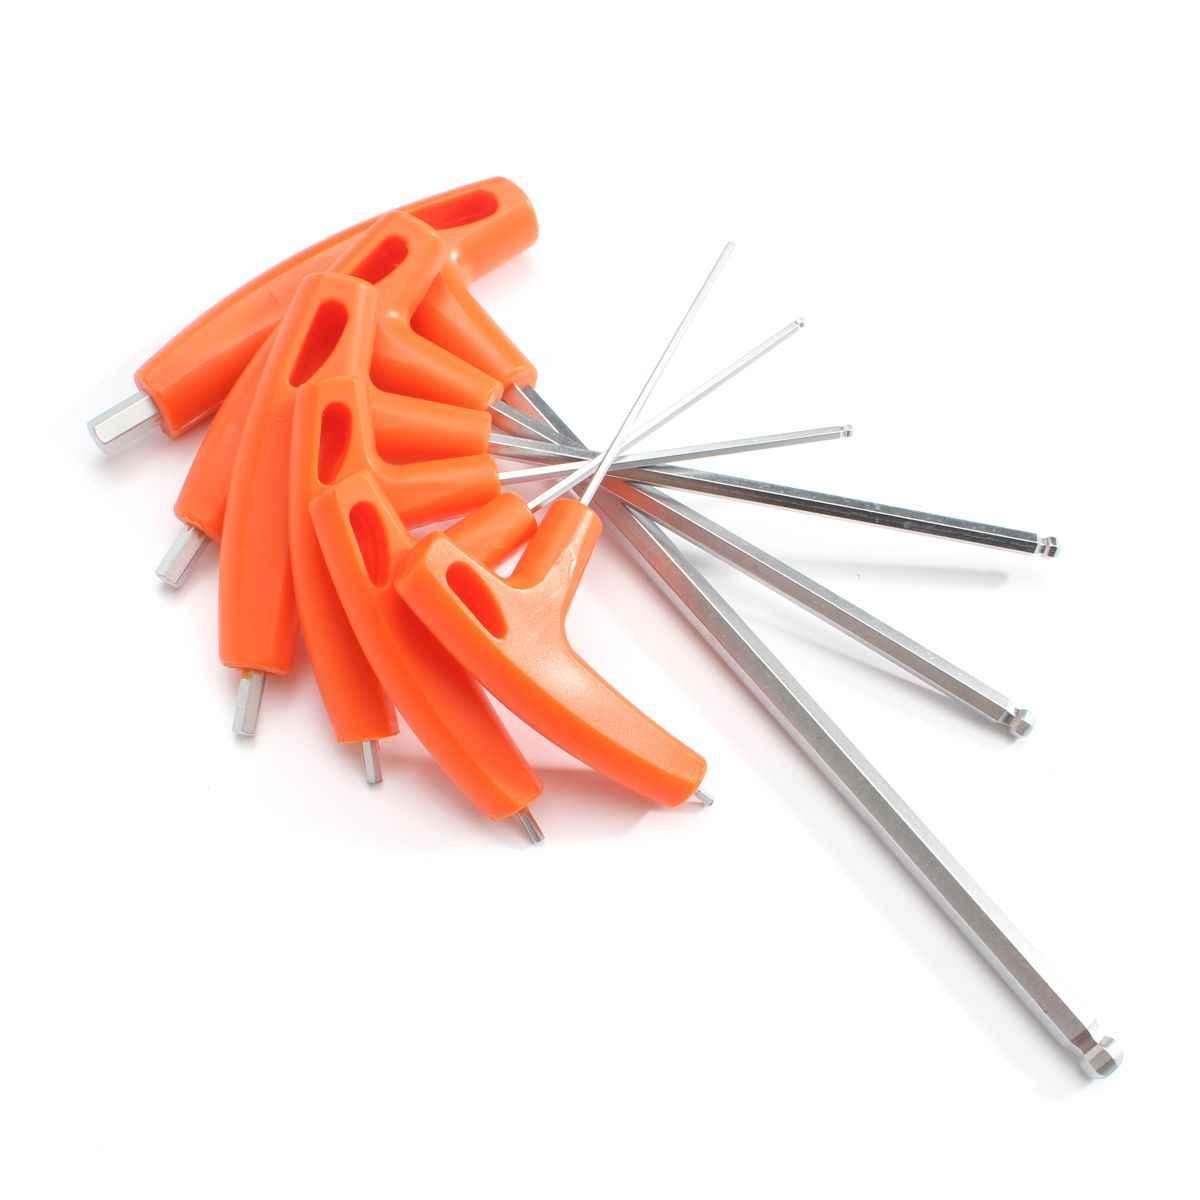 Doersupp 6 шт./компл. H2-H8mm T ручка гаечные ключи Набор шестигранных ключей длинный Reach Allen Отвертка гаечный ключ инструмент 2 \ 2,5 \ 3 \ 5 \ 6 \ 8 мм